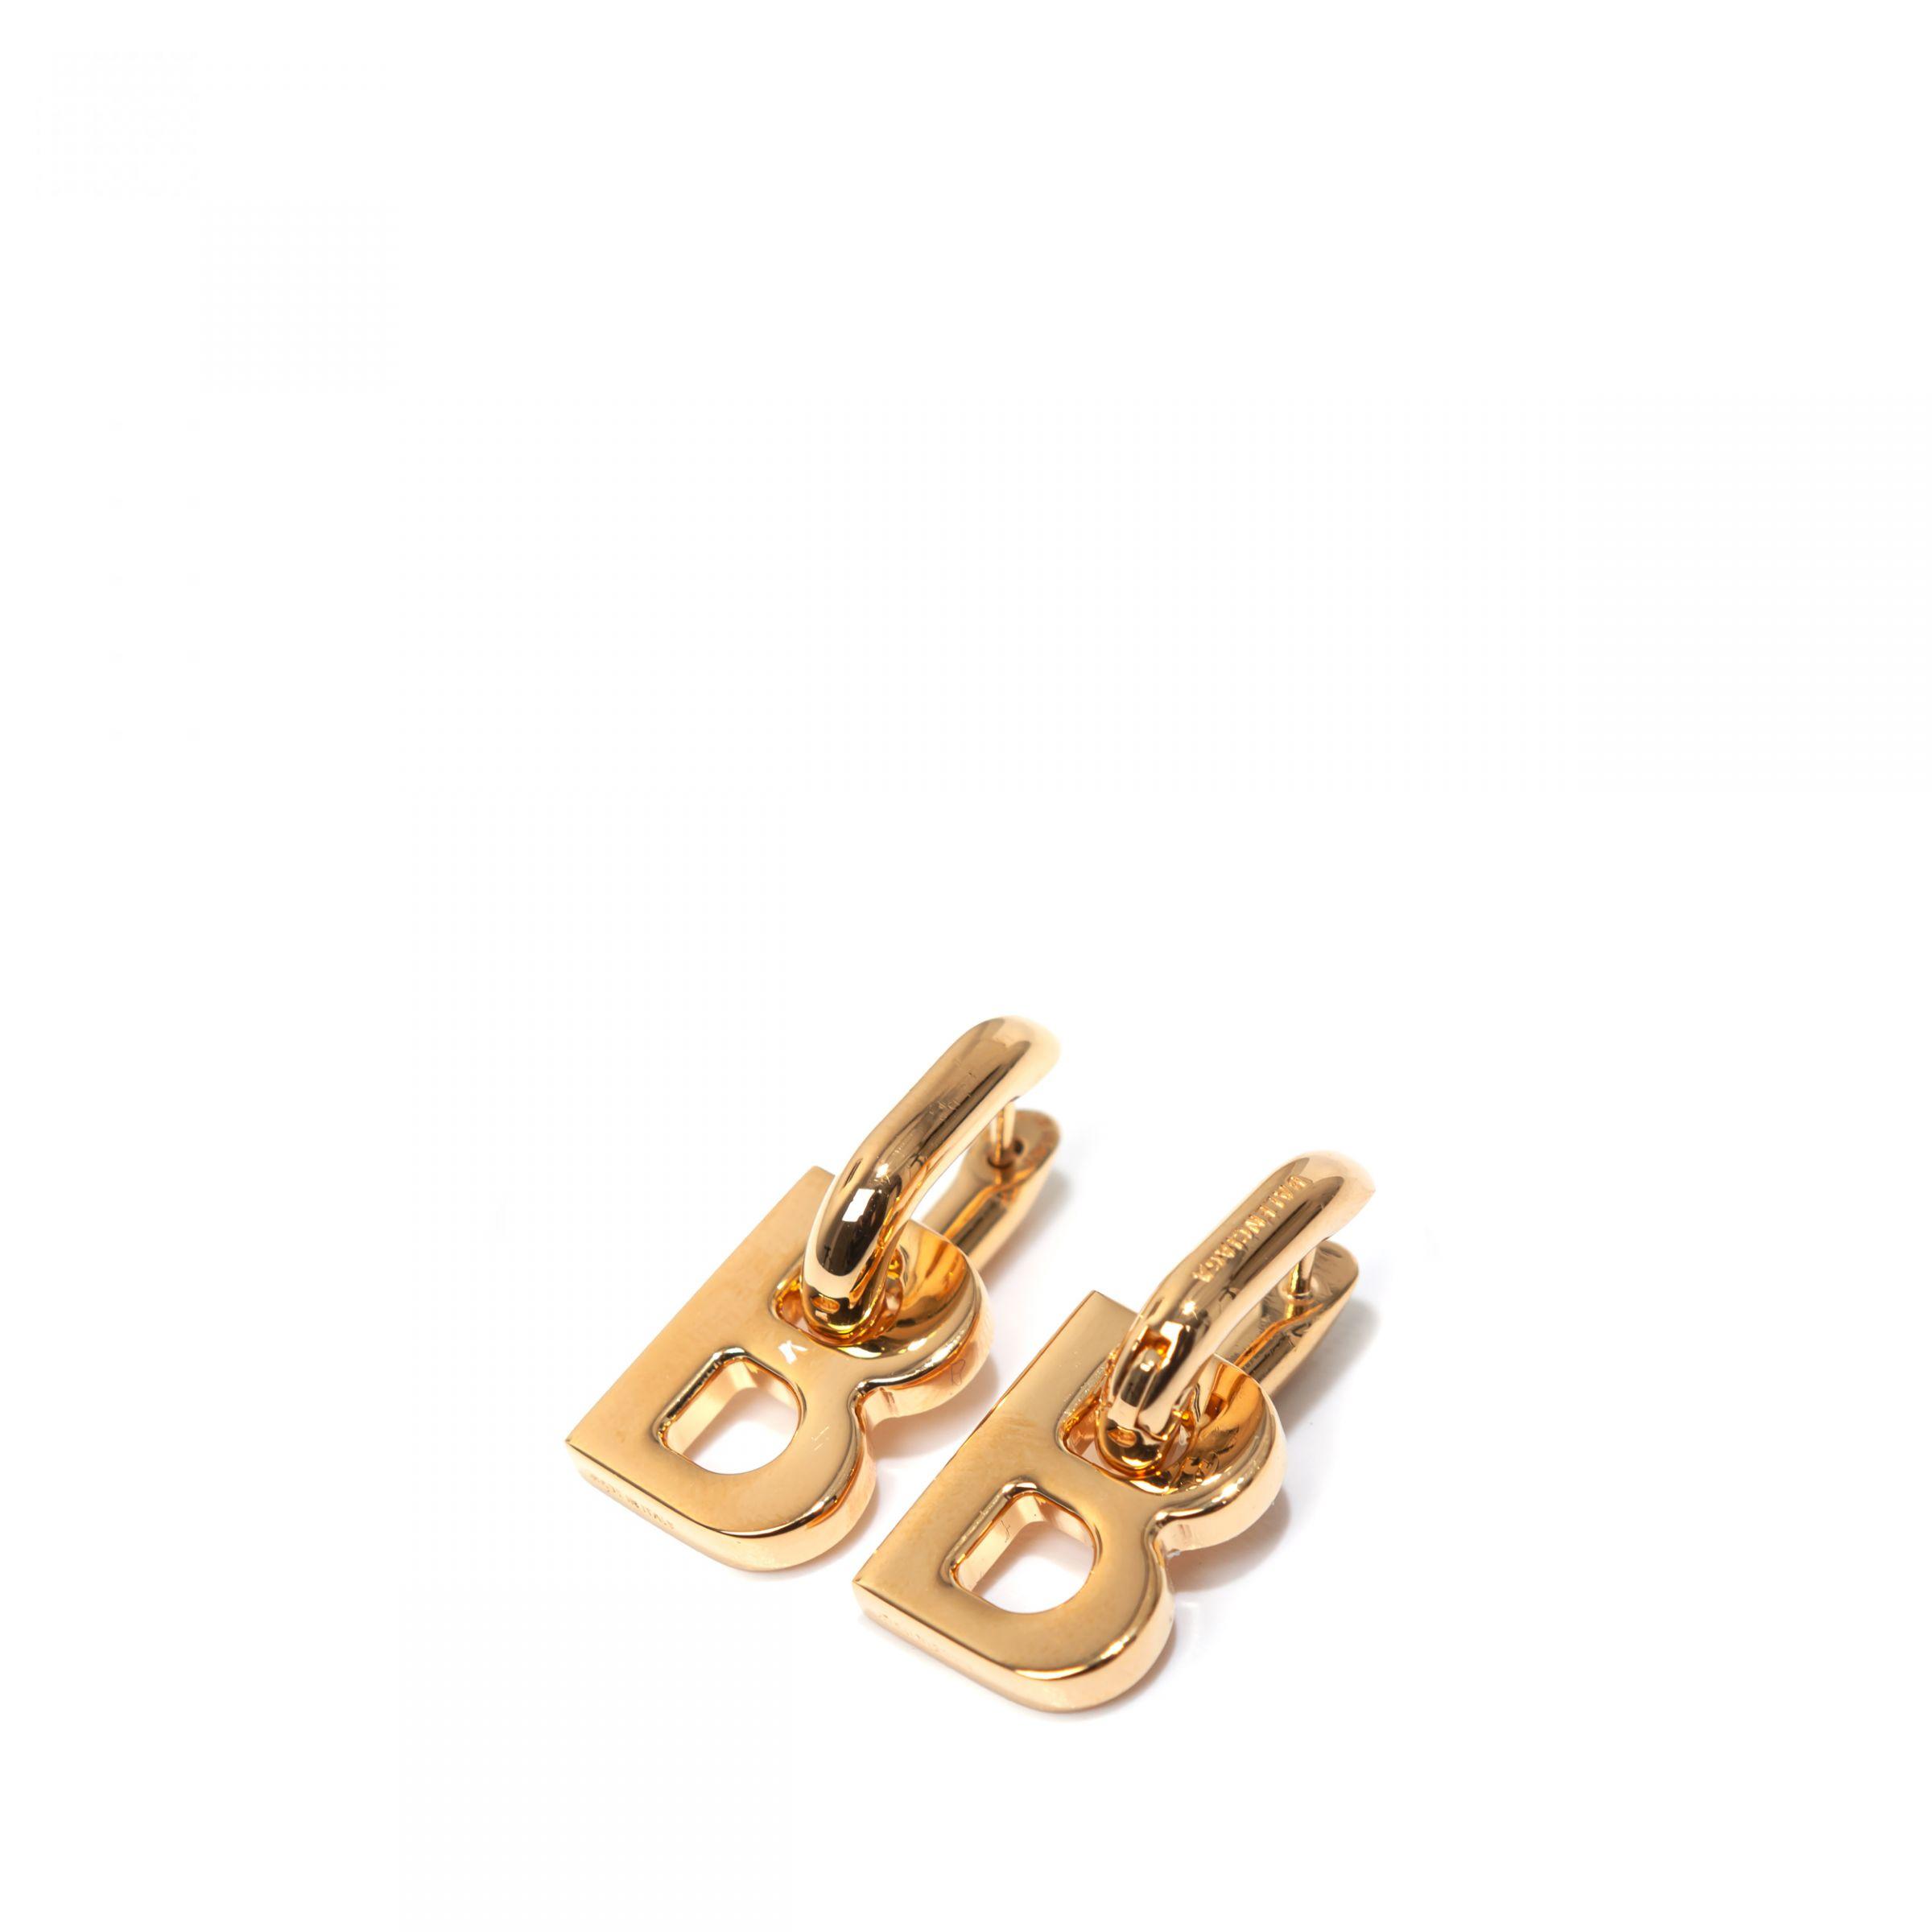 Серьги Balenciaga B CHAIN XS золотые